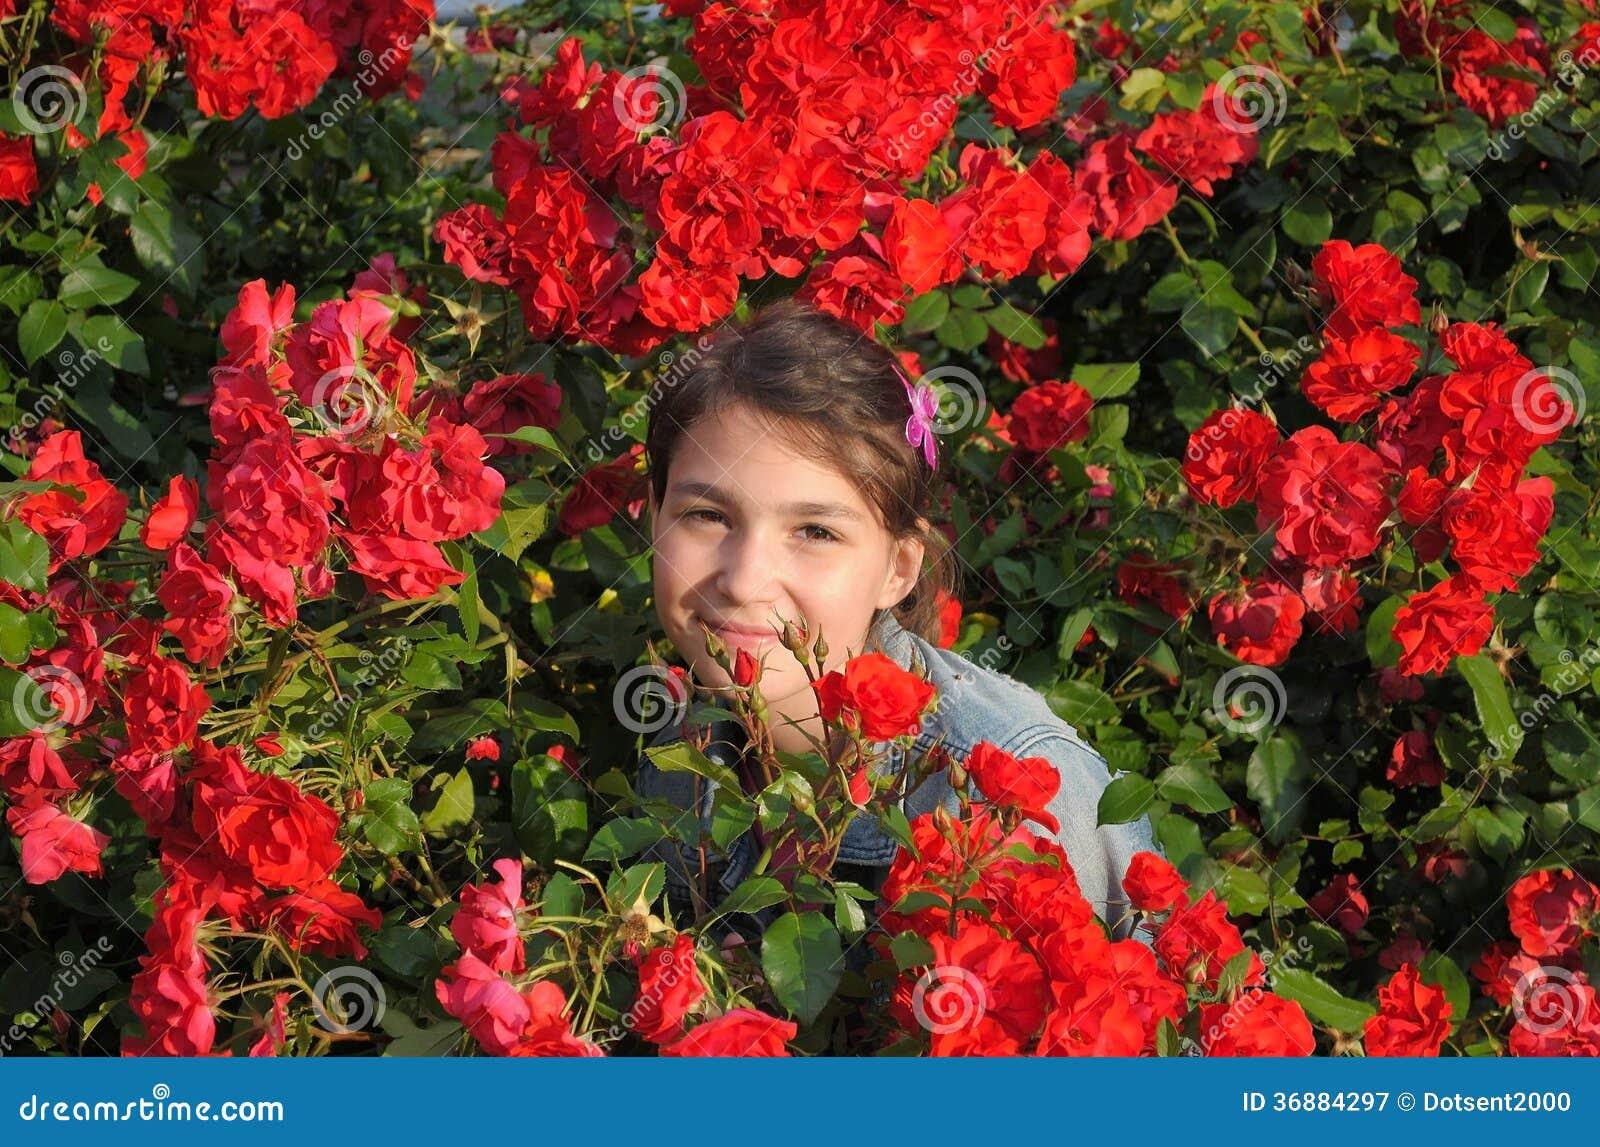 Download Ragazza e rose. immagine stock. Immagine di background - 36884297